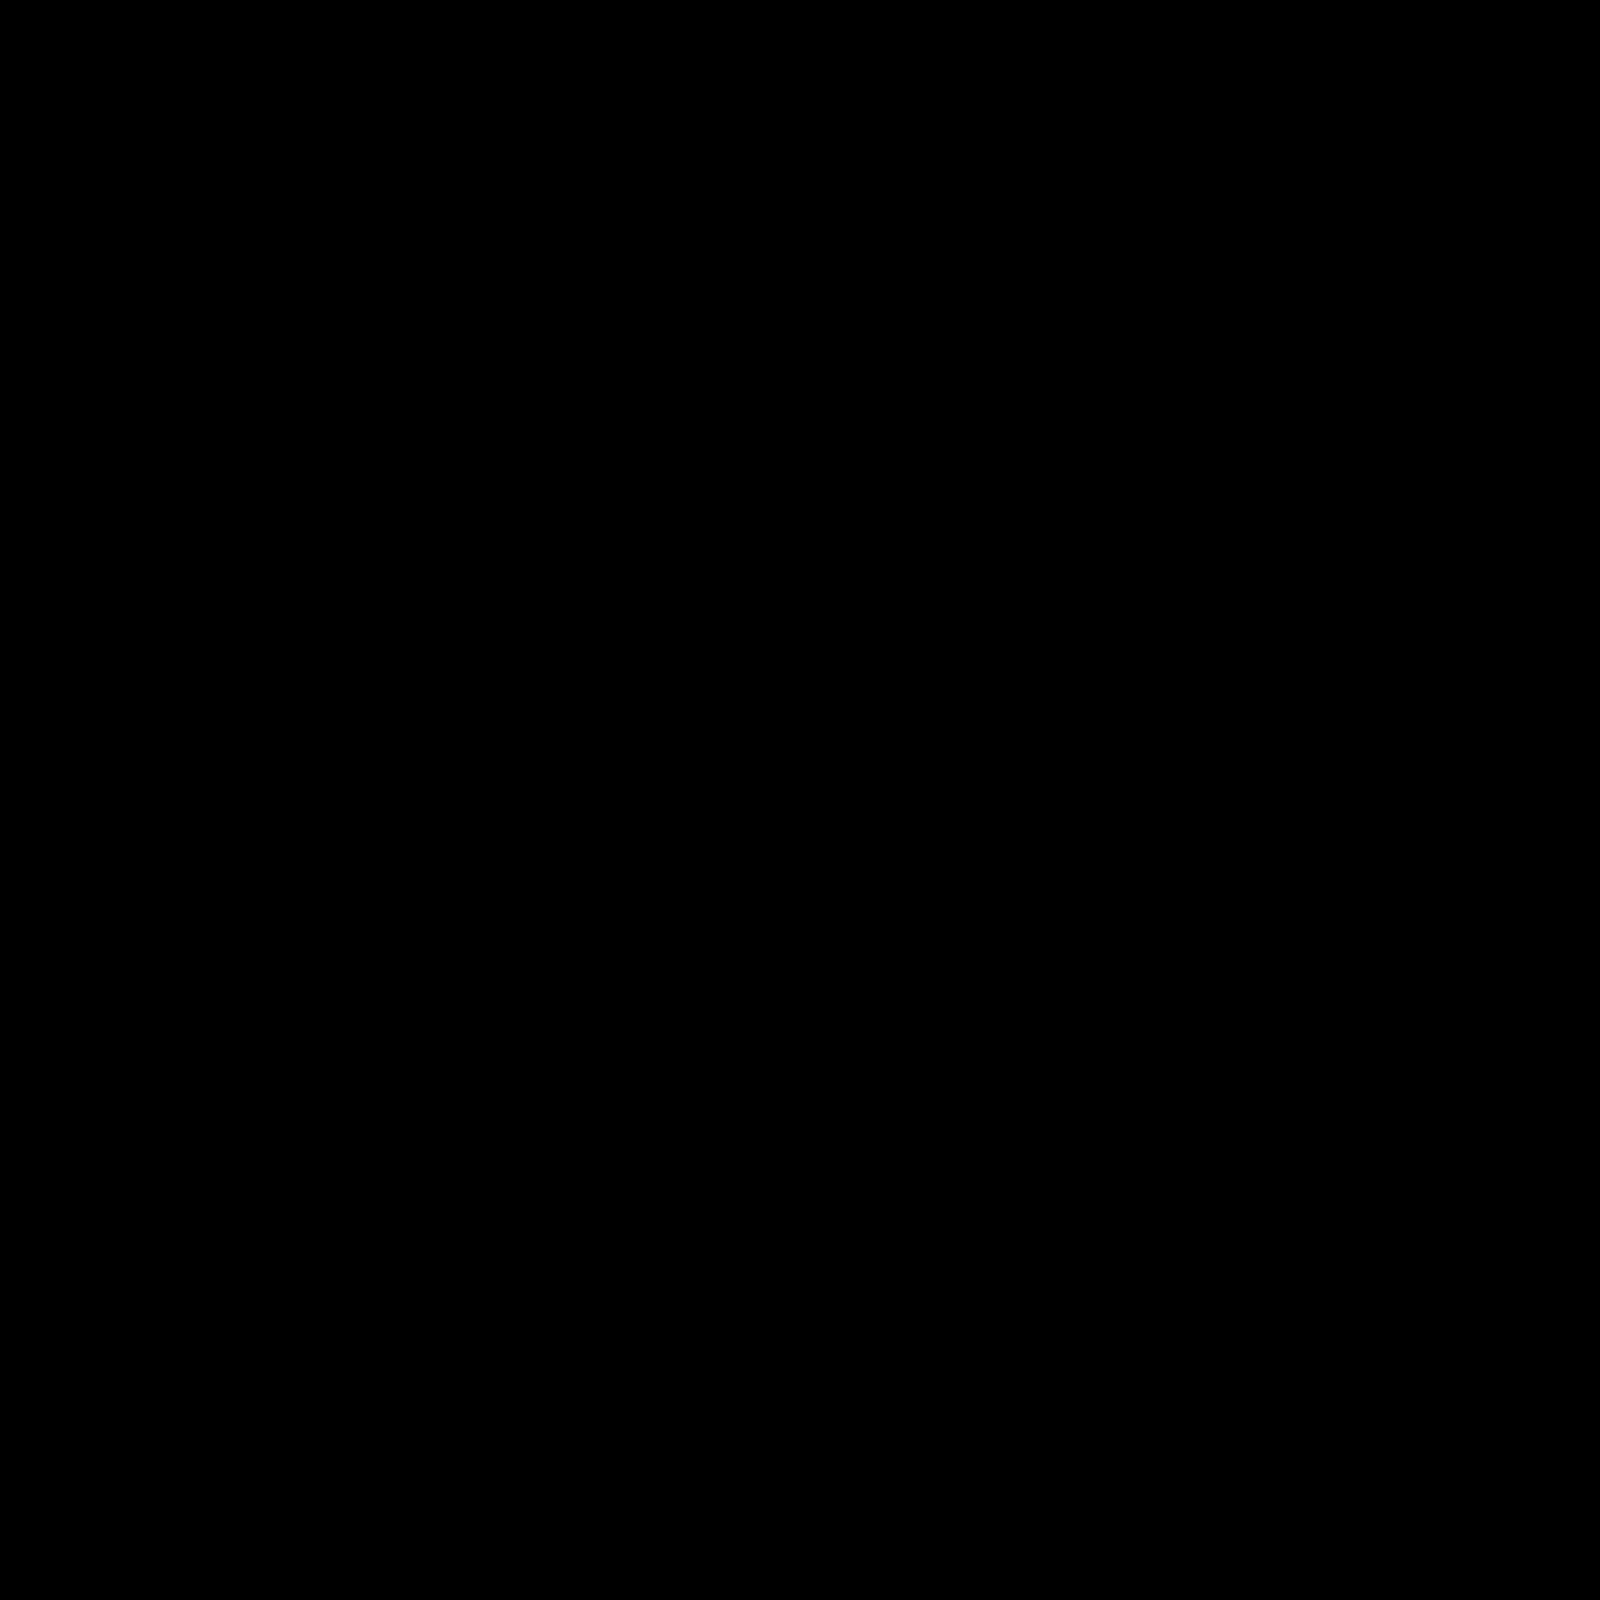 Coffre-fort Ok icon